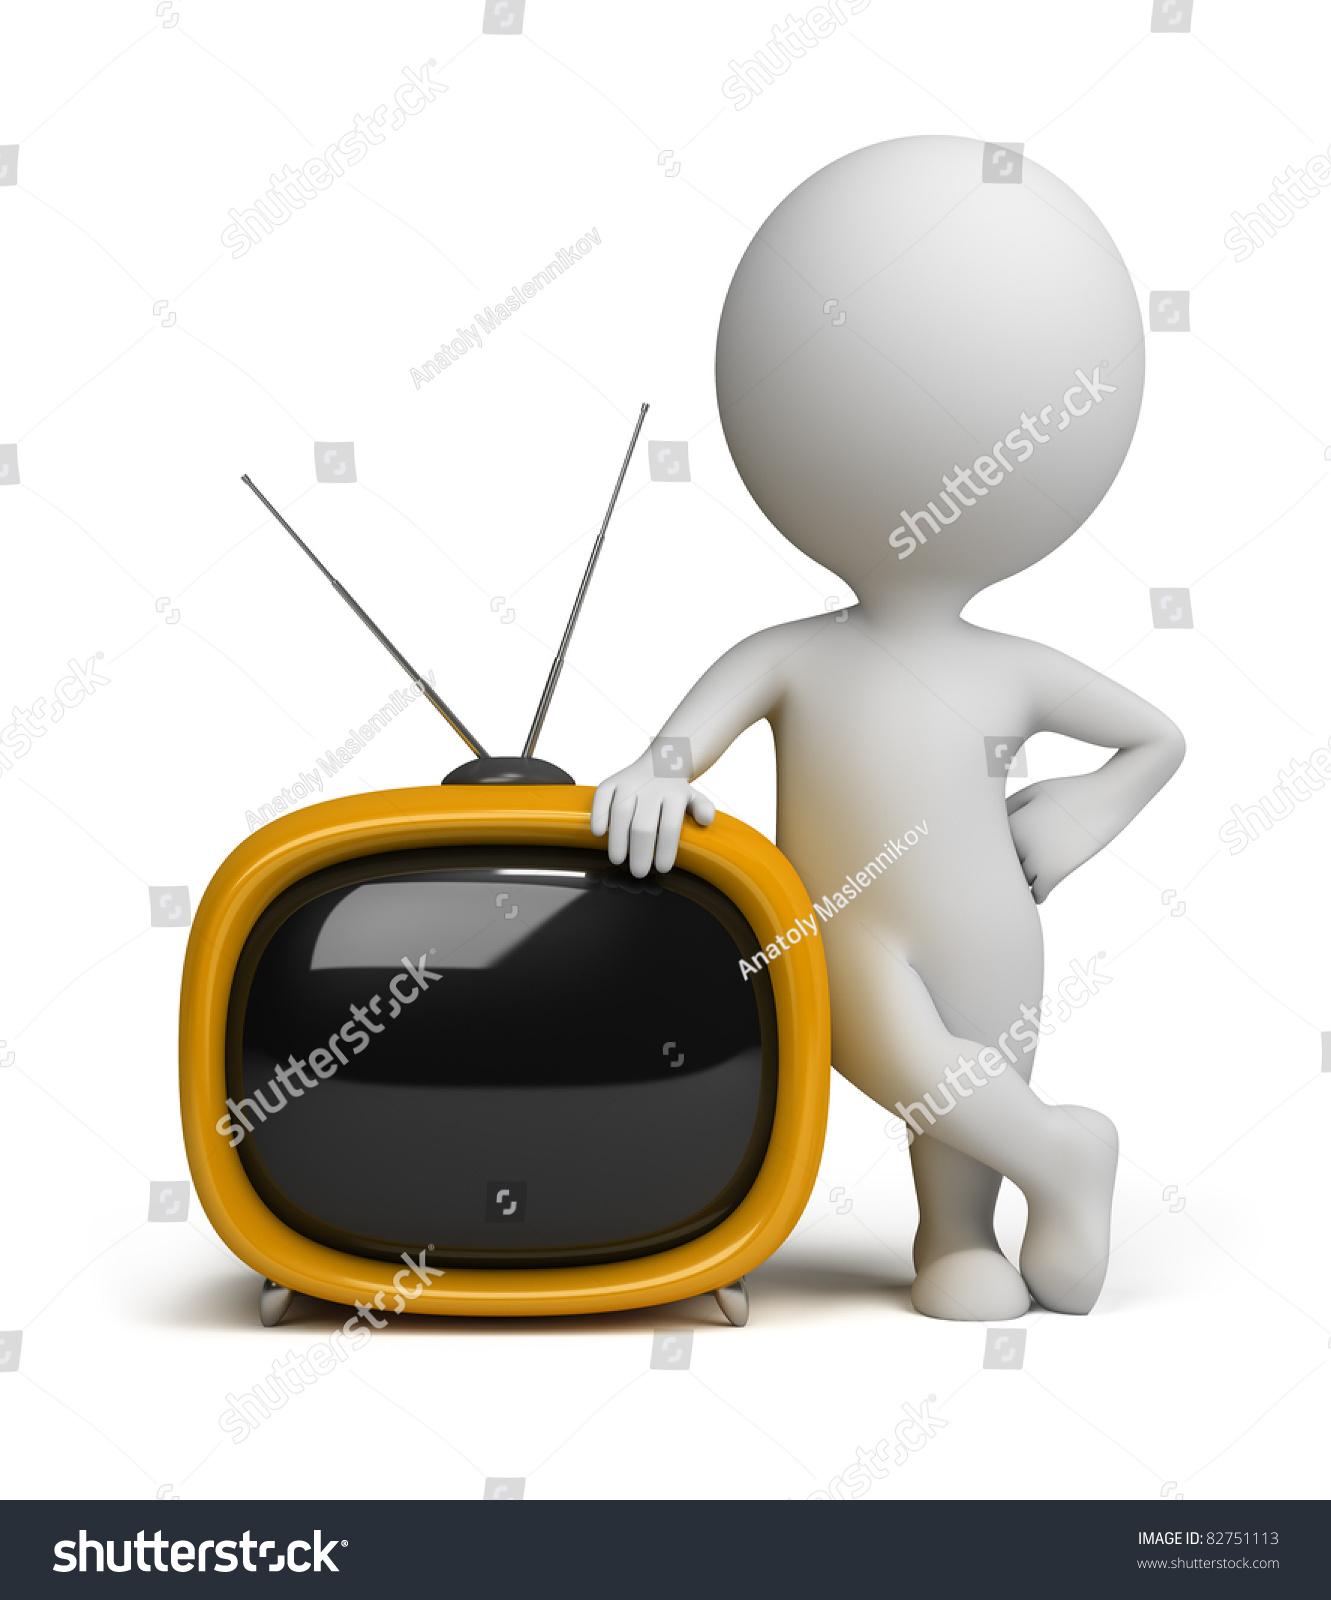 一个黄色的小人物站在旁边的一个黄色的复古电视.三维